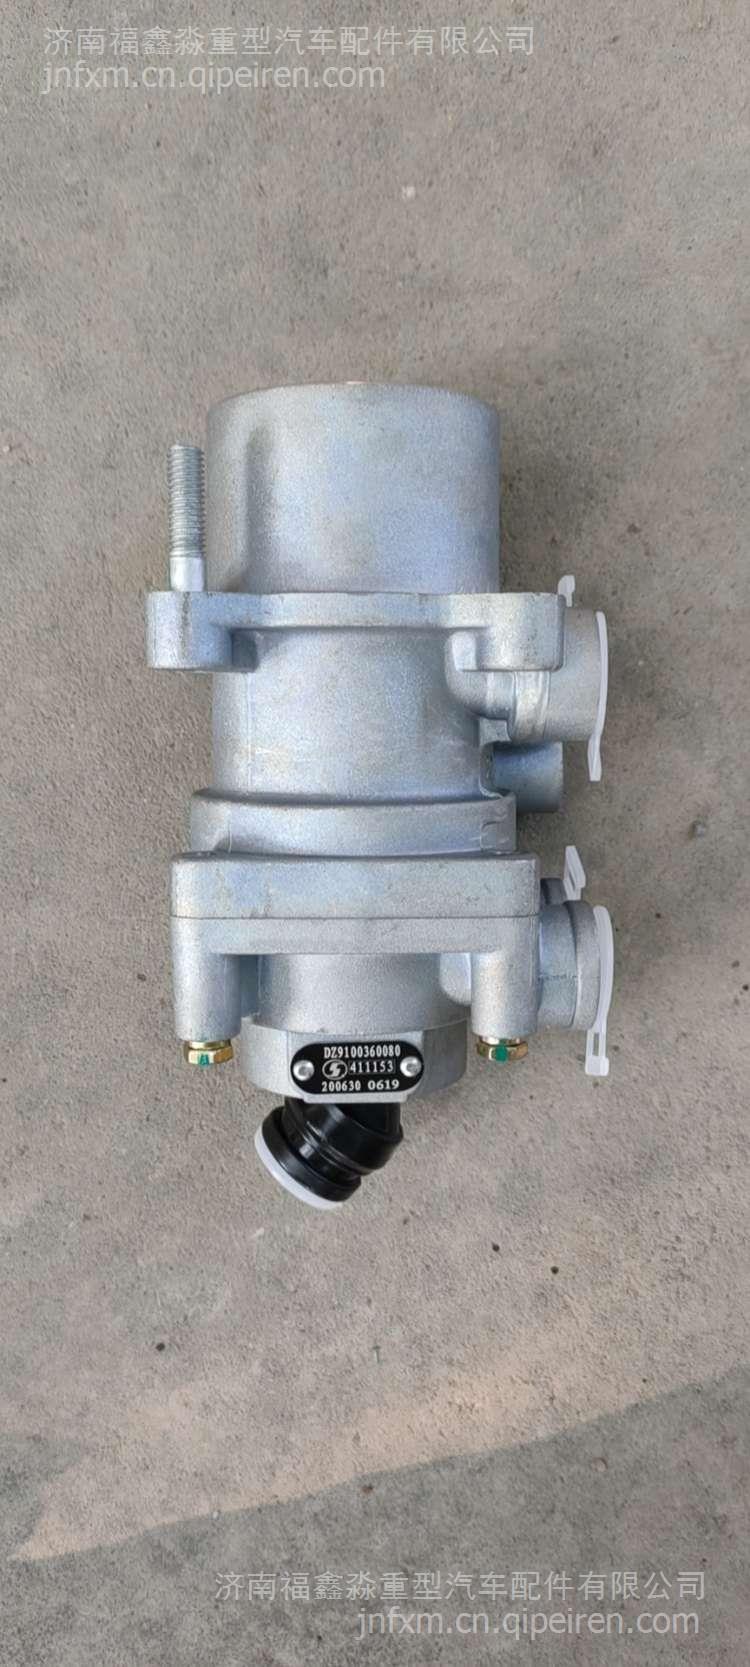 德龙F3000德龙X3000制动总泵 DZ9100360080